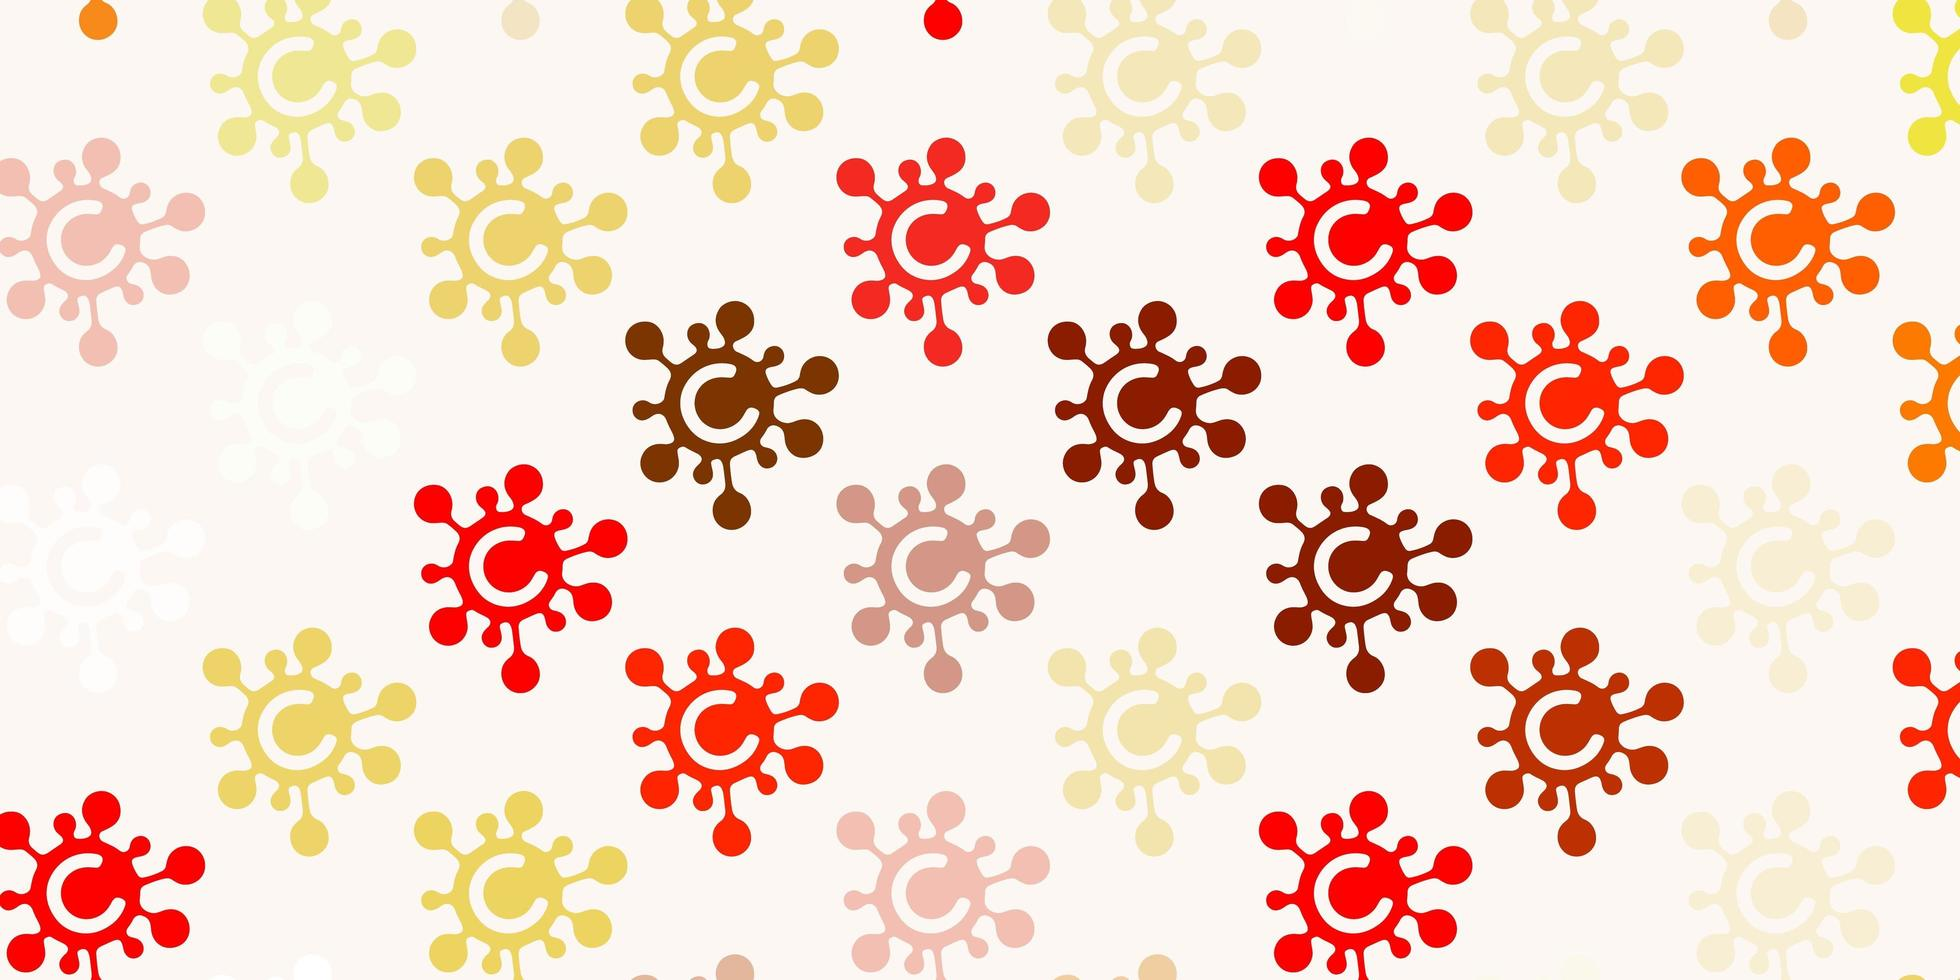 hellrote, gelbe Textur mit Krankheitssymbolen. vektor